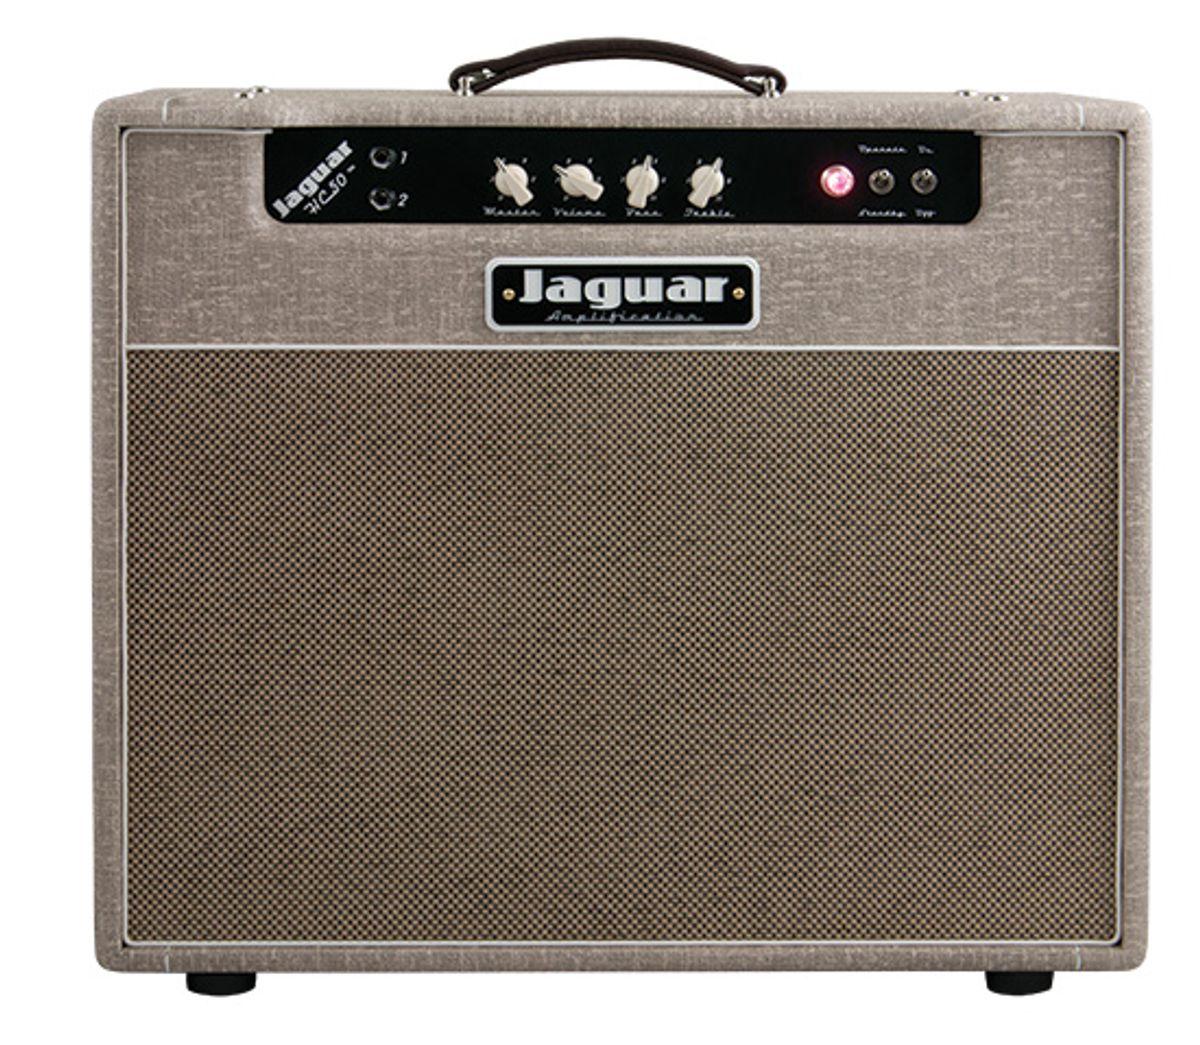 Jaguar HC50 Amp Review